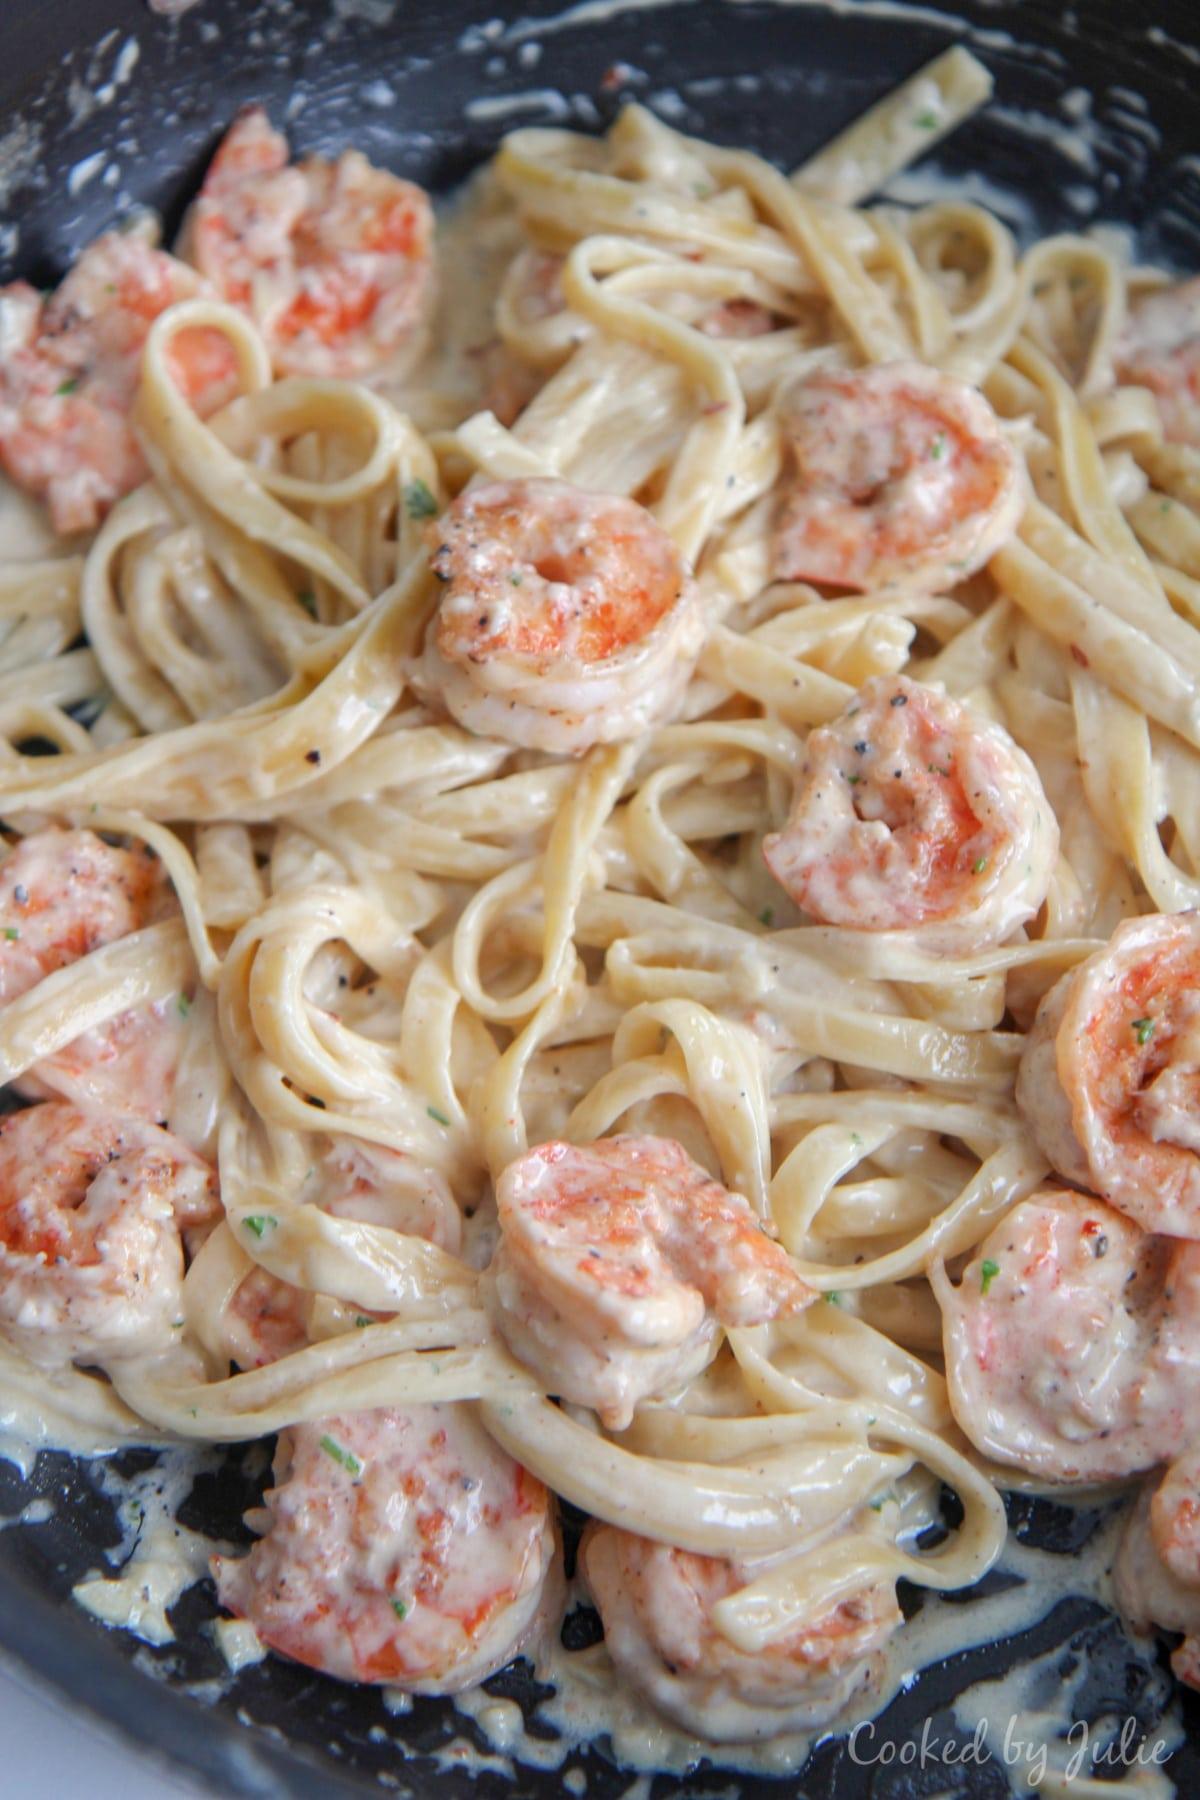 shrimp and fettuccine alfredo tossed in a black skillet